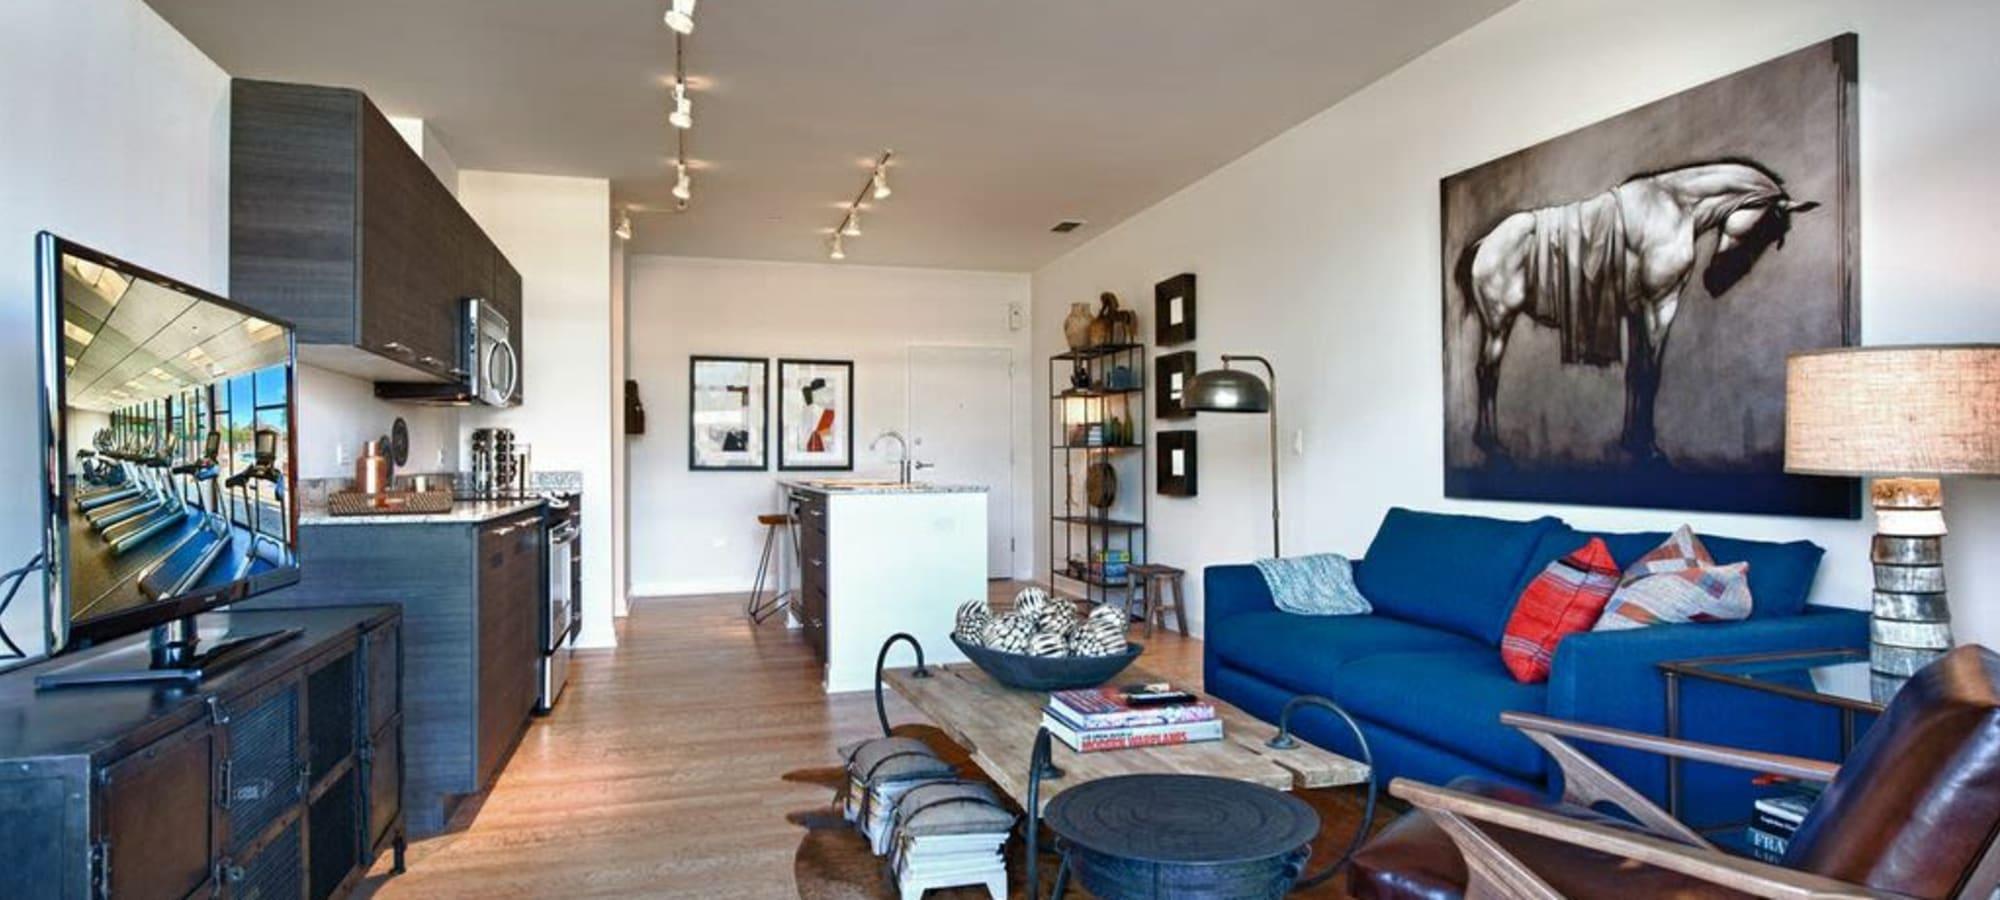 Luxury living room at Domus in Phoenix, Arizona